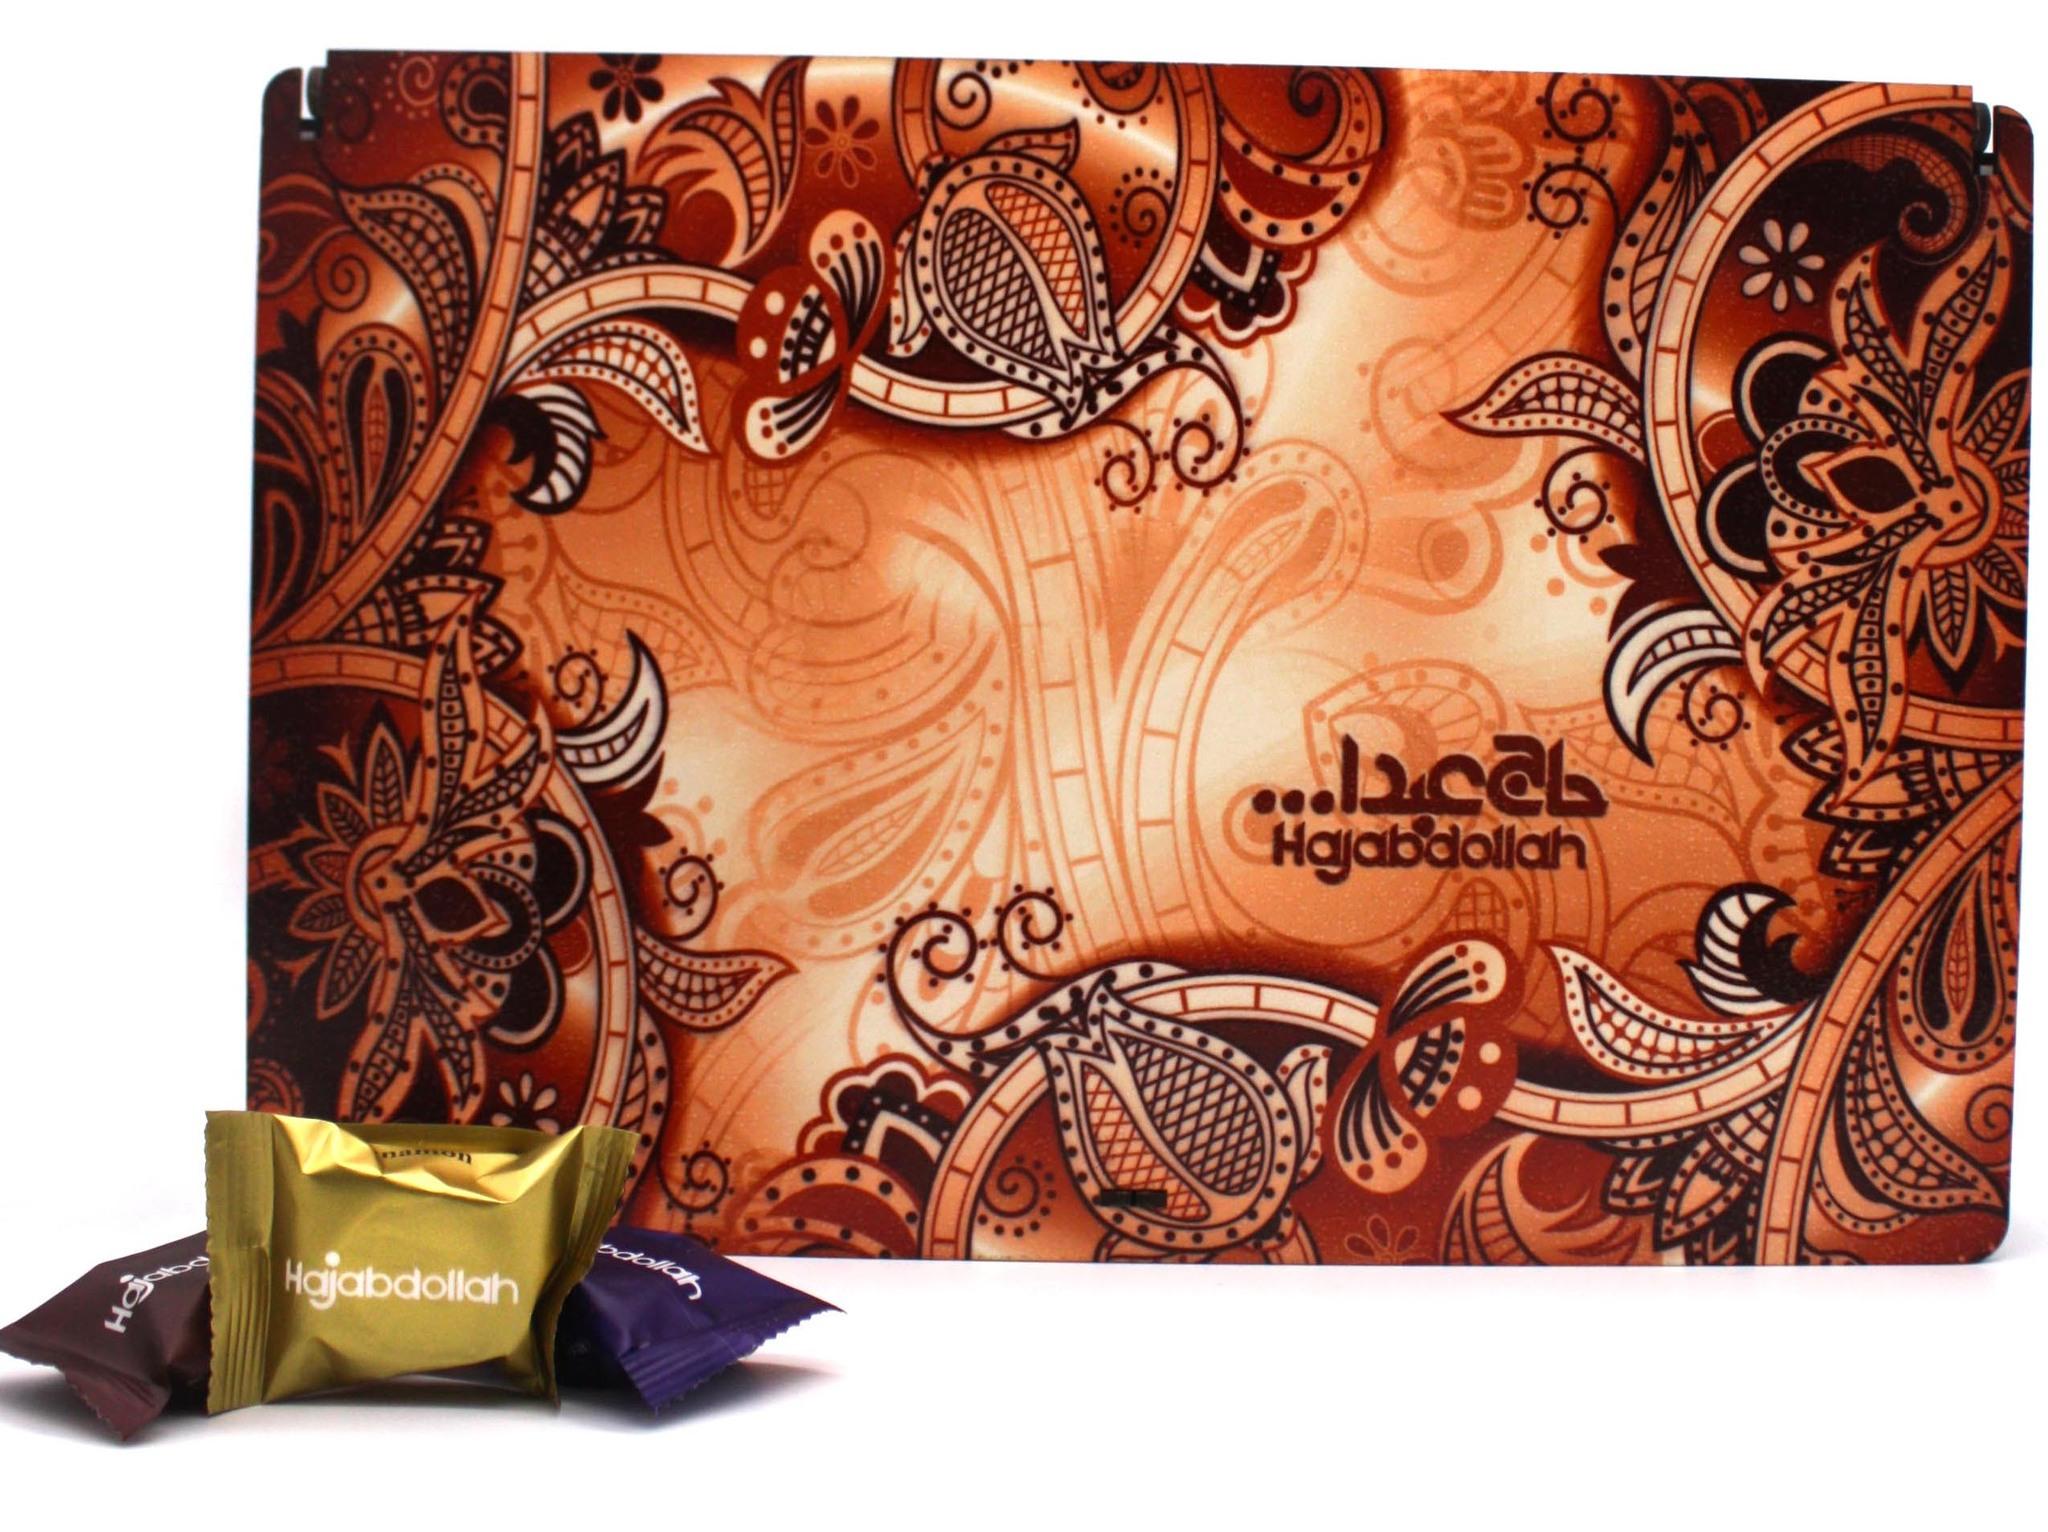 """Hajabdollah Ассорти пишмание в подарочной деревянной упаковке """"Традиция"""", Hajabdollah, 500 г import_files_7a_7a7d6a35c3f111e9a9b3484d7ecee297_7a7d6a39c3f111e9a9b3484d7ecee297.jpg"""